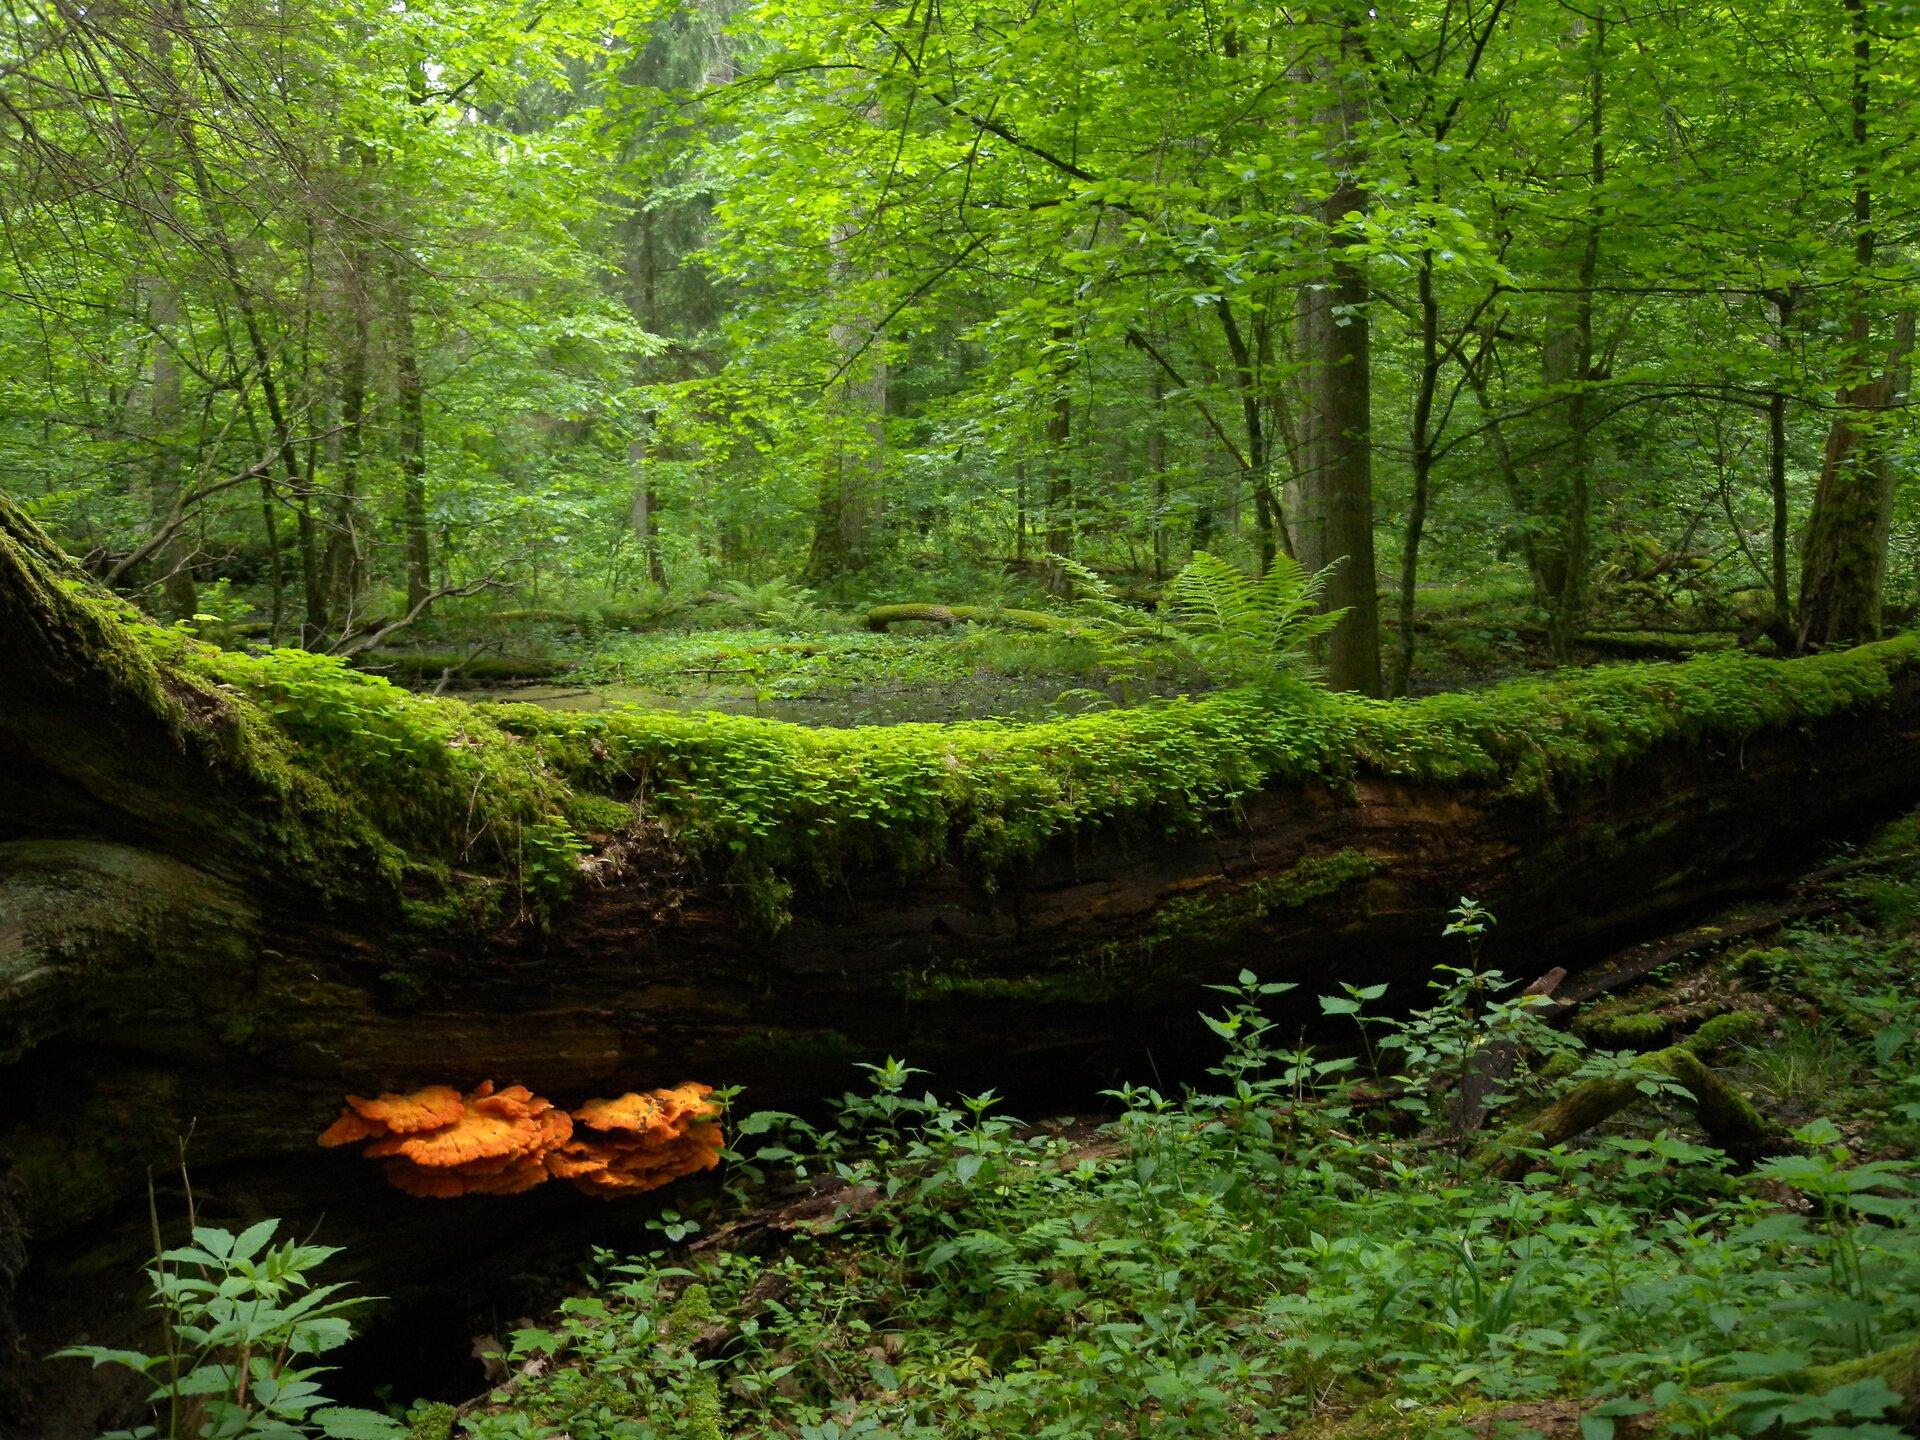 Fotografia przedstawia fragment lasu liściastego. Na pierwszym planie widoczny duży powalony pień drzewa, porośnięty mchami idrobnymi roślinami występującymi wrunie leśnym. Lewą stronę pnia porastają żółte grzyby. Na drugim planie liczne drzewa liściaste.